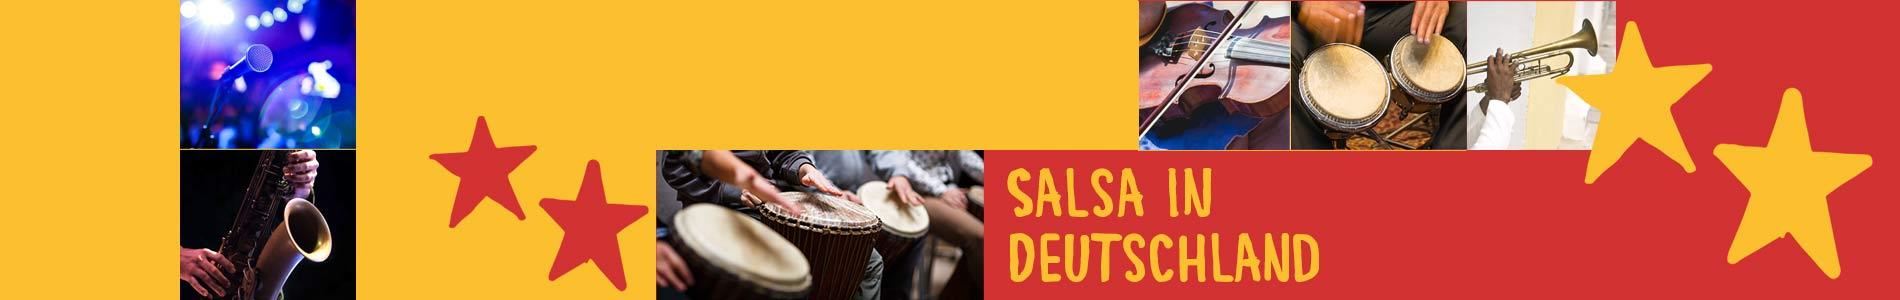 Salsa in Breckerfeld – Salsa lernen und tanzen, Tanzkurse, Partys, Veranstaltungen